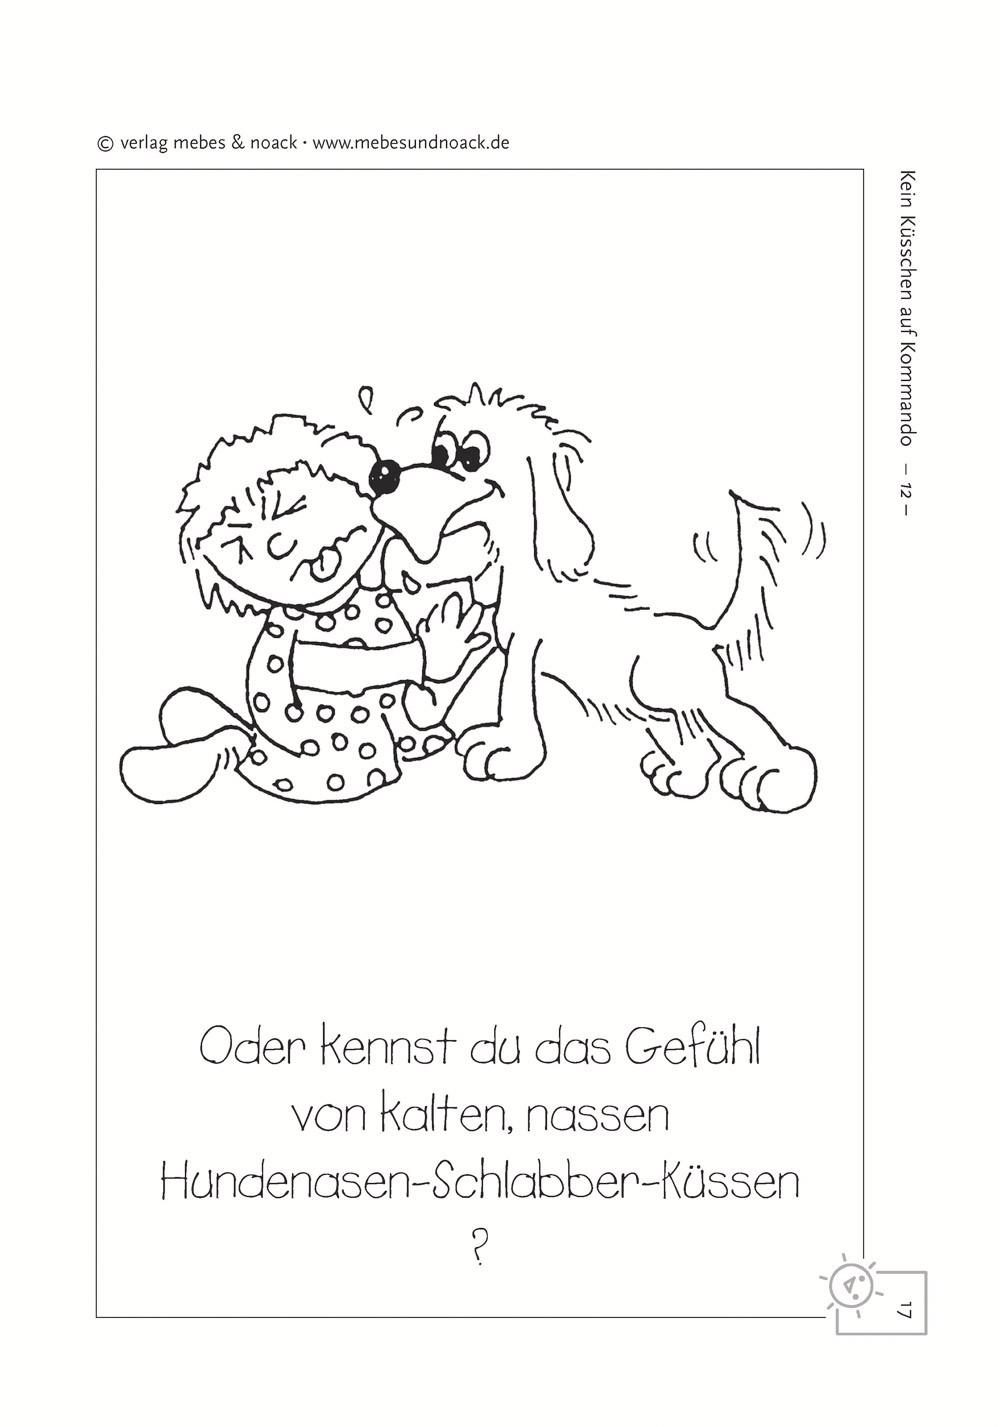 Ritter Rost Ausmalbilder Das Beste Von News Archiv Die Fachseite Für Erzieher Innen Galerie